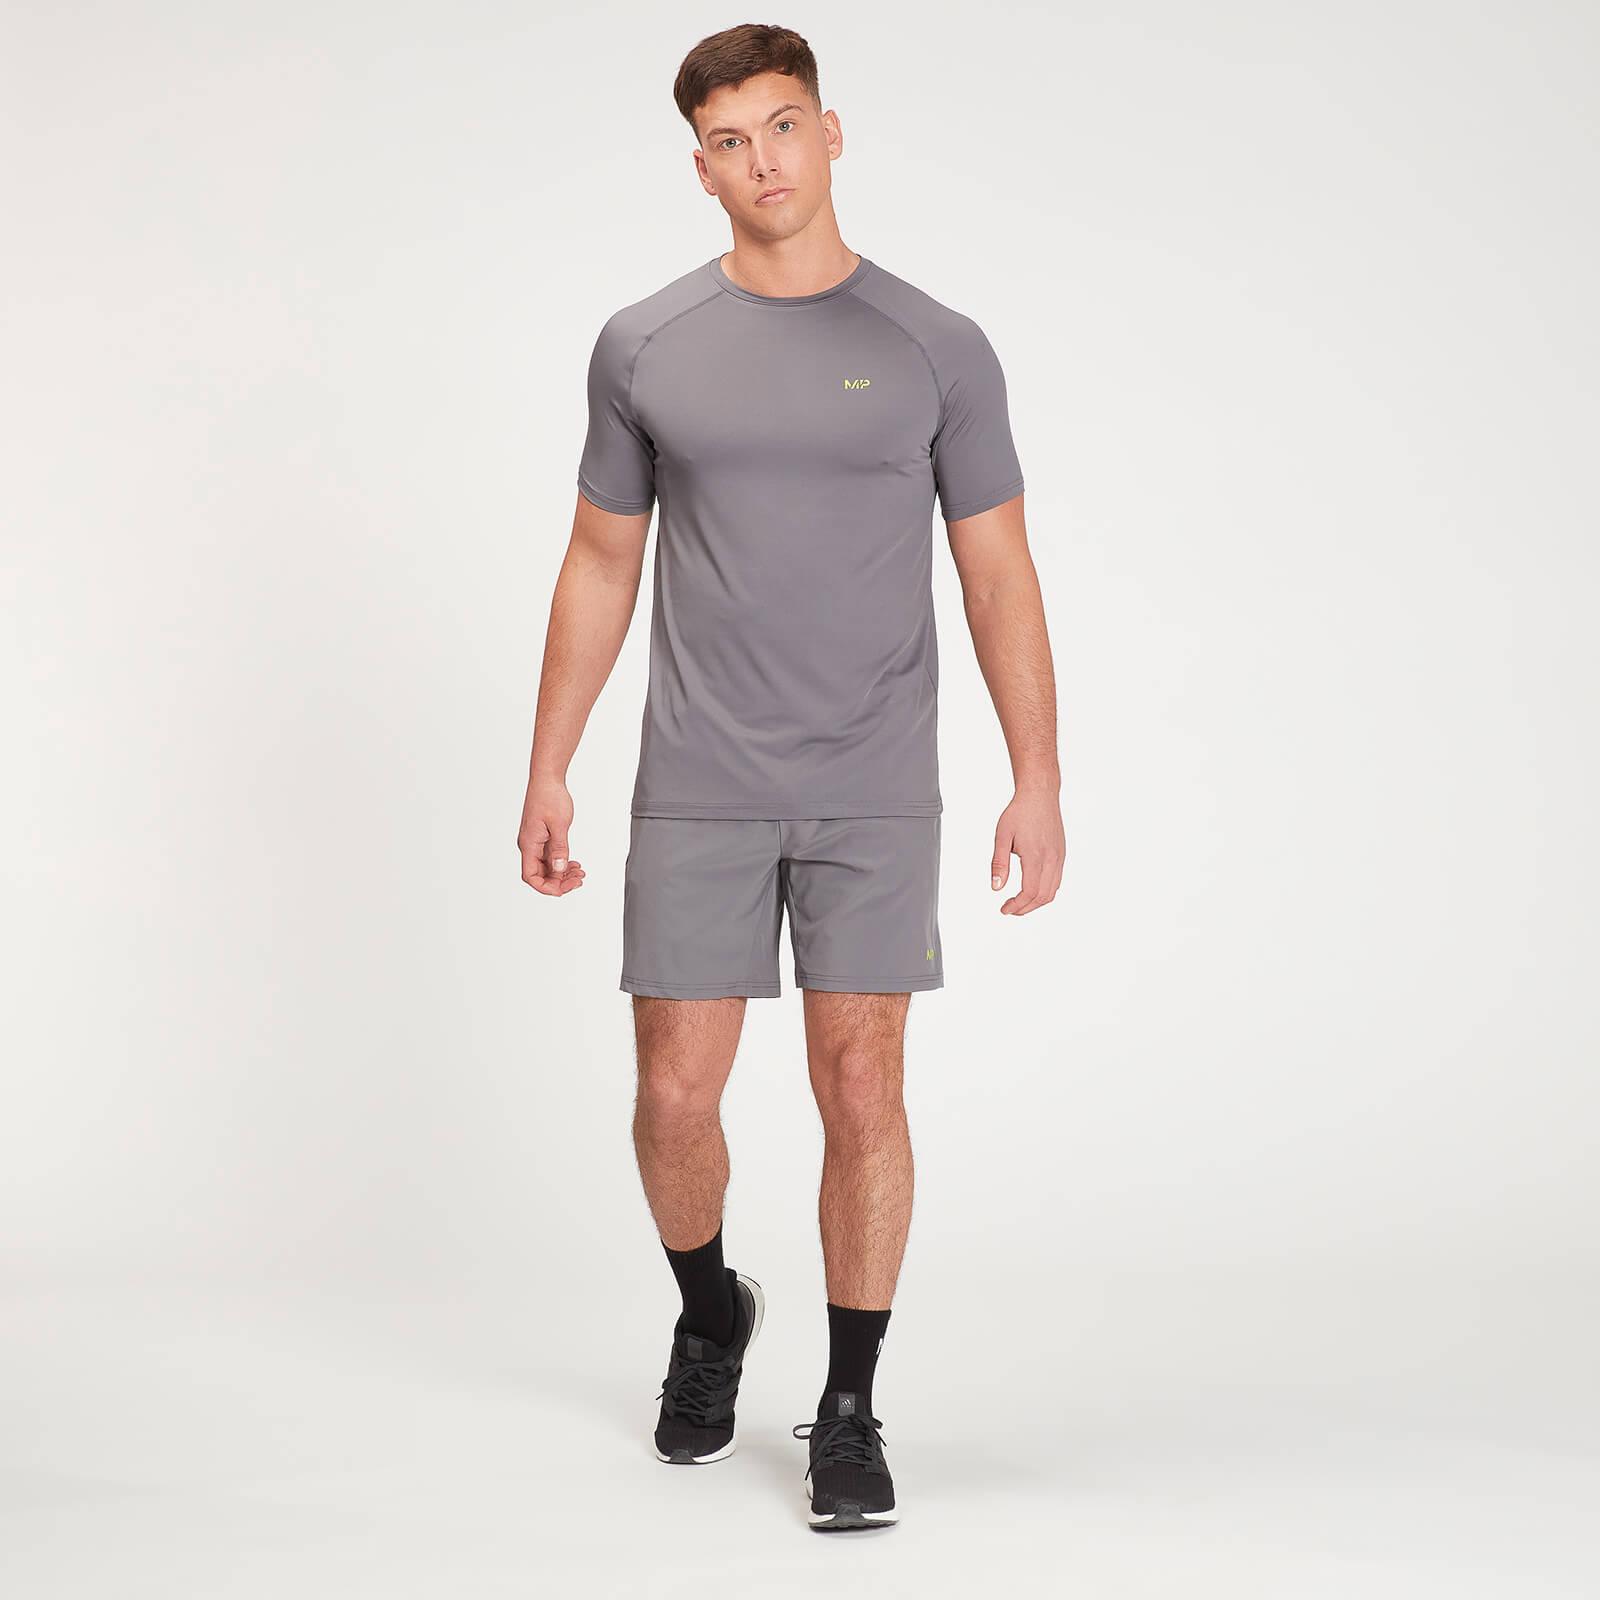 Купить MP Men's Graphic Running Shorts - Carbon - XXS, Myprotein International